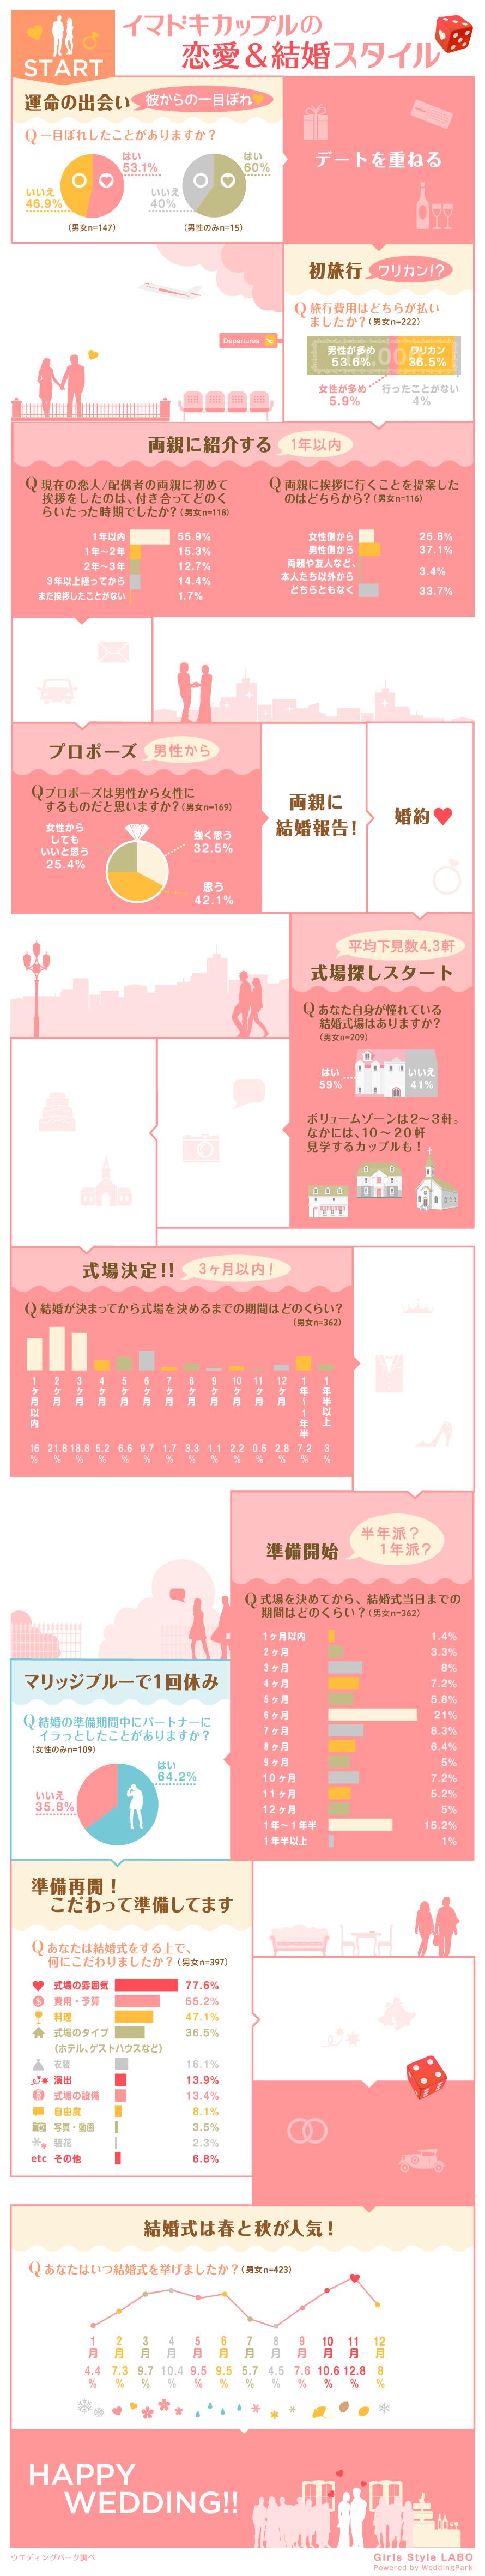 インフォグラフィック:インフォグラフィック:花嫁が幸せ願うサムシングフォー。結婚式までに4アイテムを準備